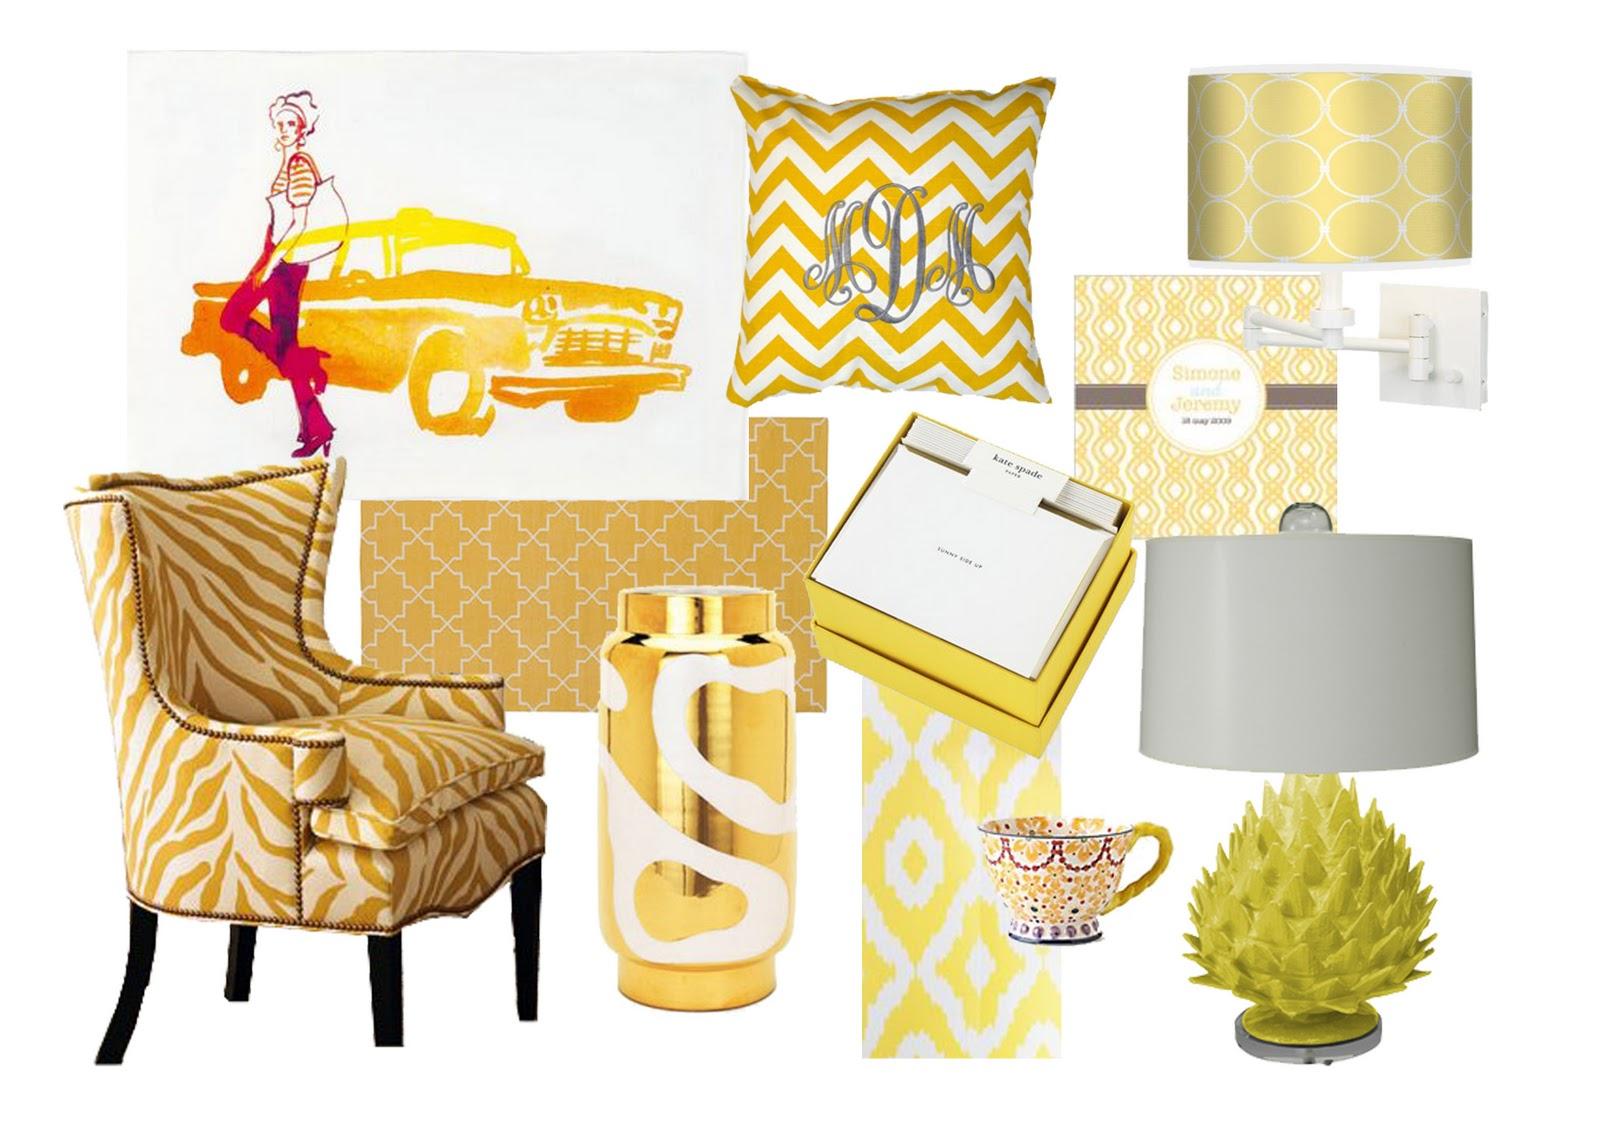 http://4.bp.blogspot.com/-pUPFxeVXzz8/TrEuIRDbulI/AAAAAAAAAY8/U4Sh2BIes6M/s1600/Yellow+Mood+Board.jpg